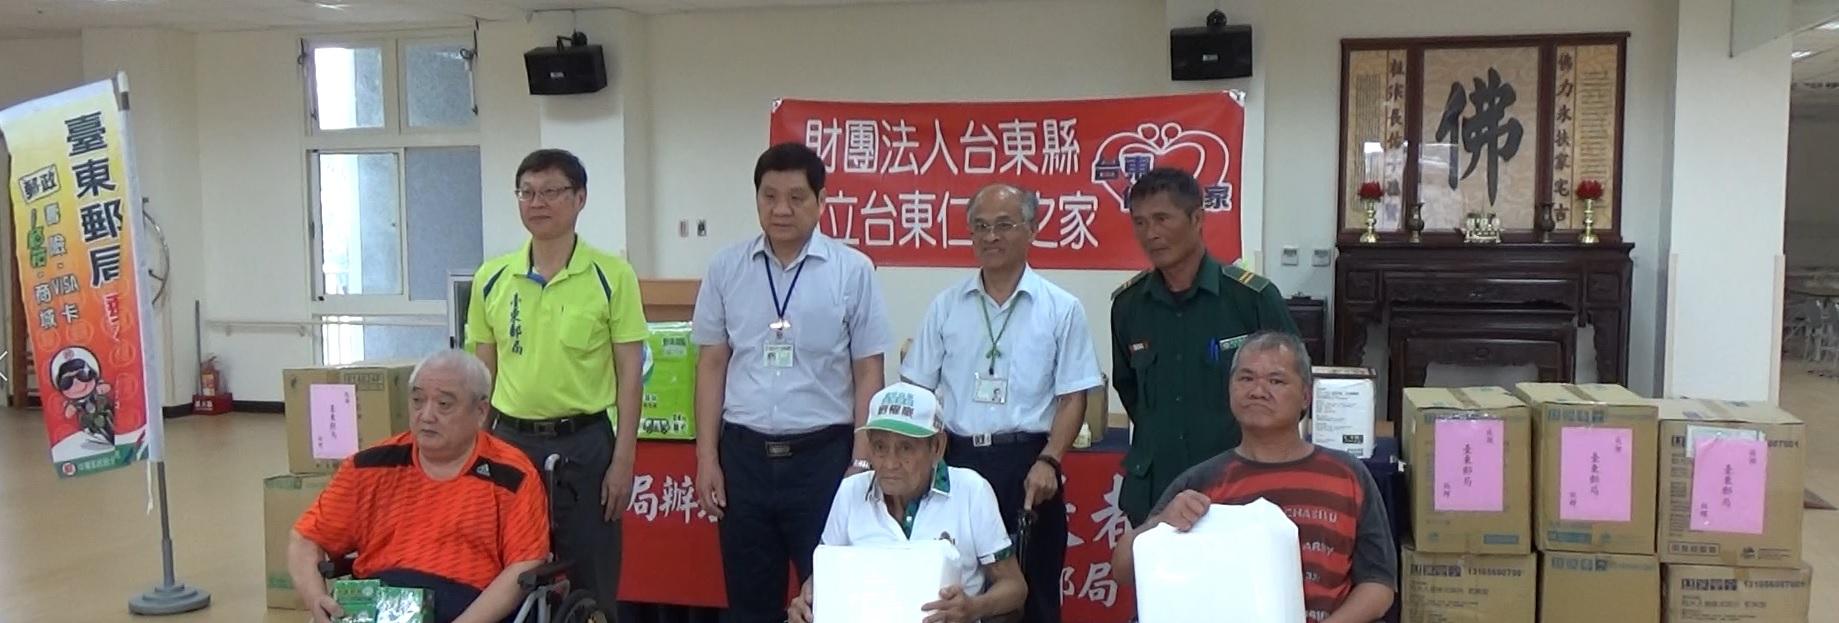 臺東郵局108年「郵政傳情、愛心相隨」-關懷獨居長者活動